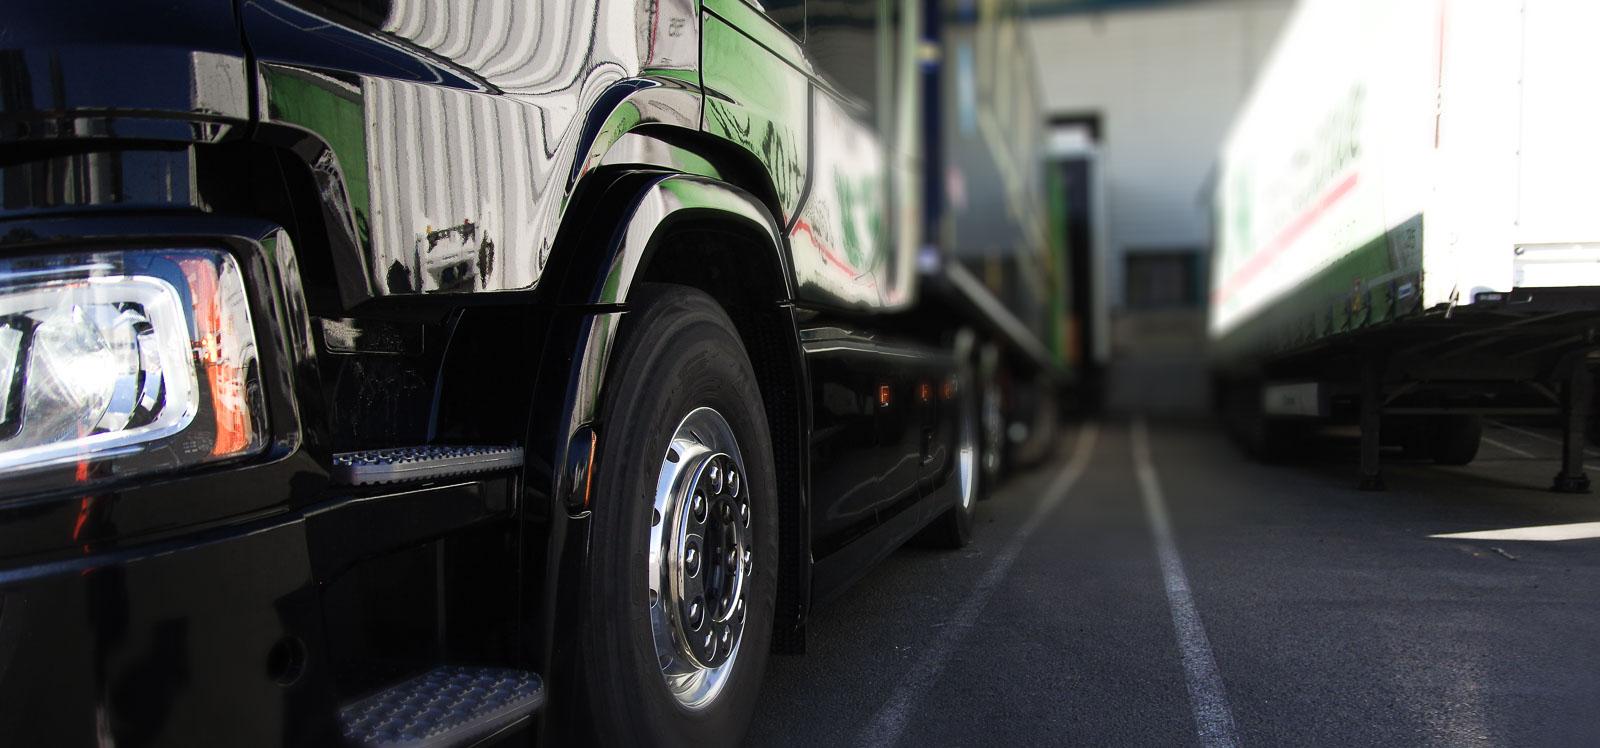 Scania à quai